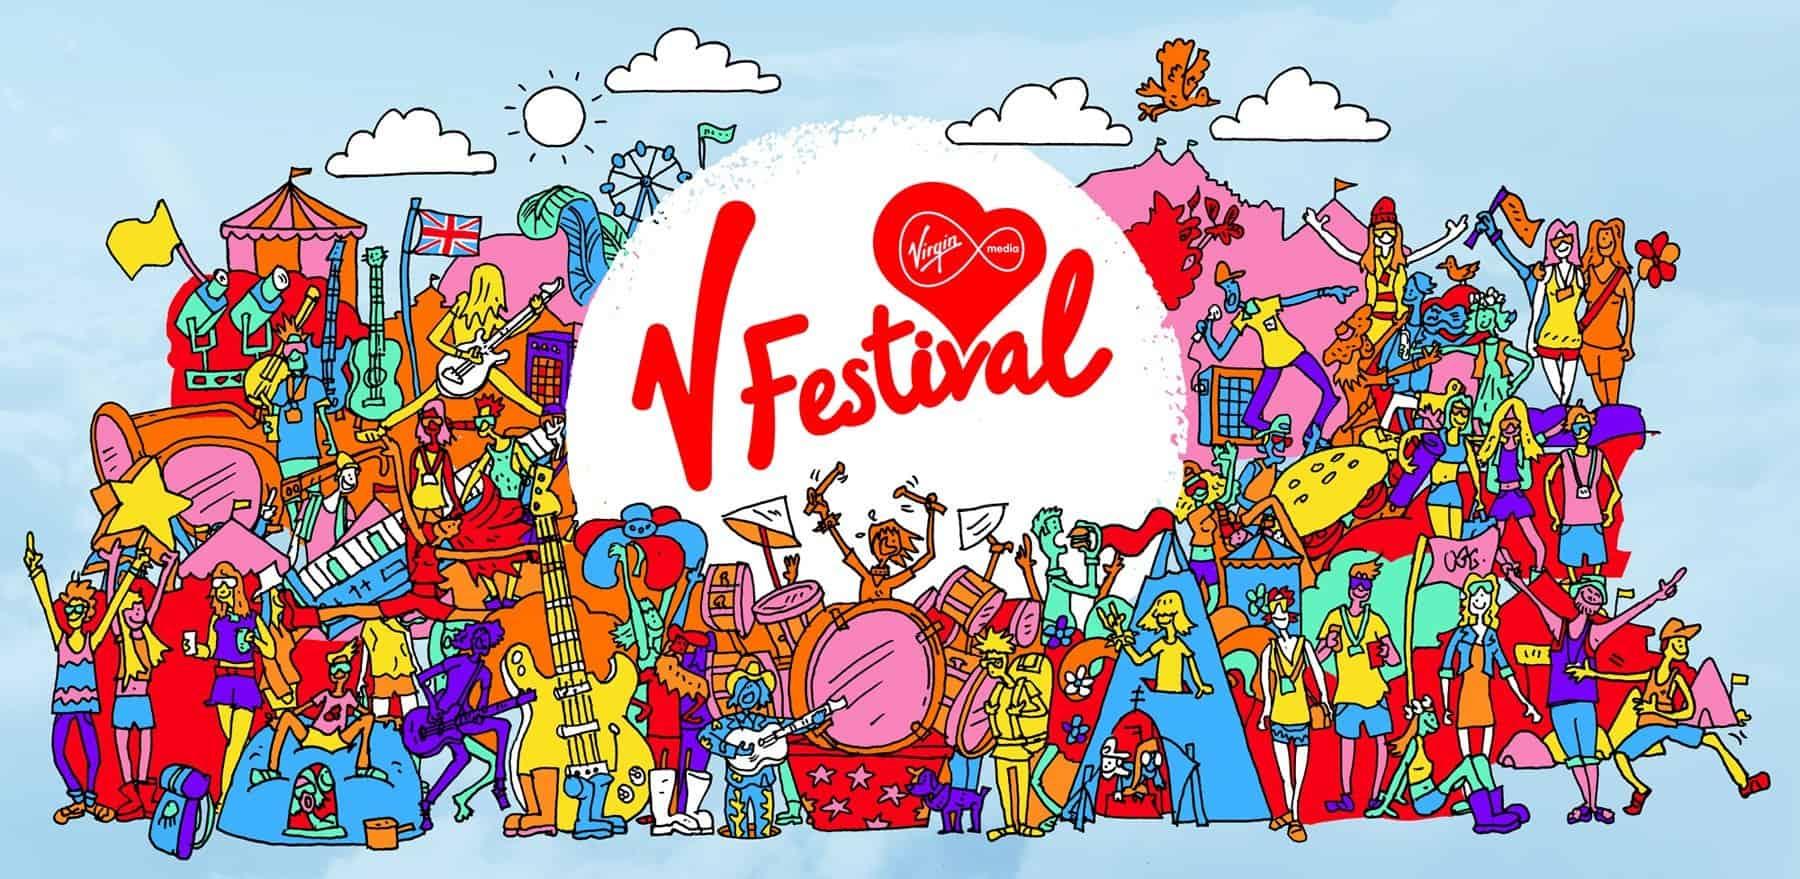 v festival 2017 line up confirmed in embarrassing leak